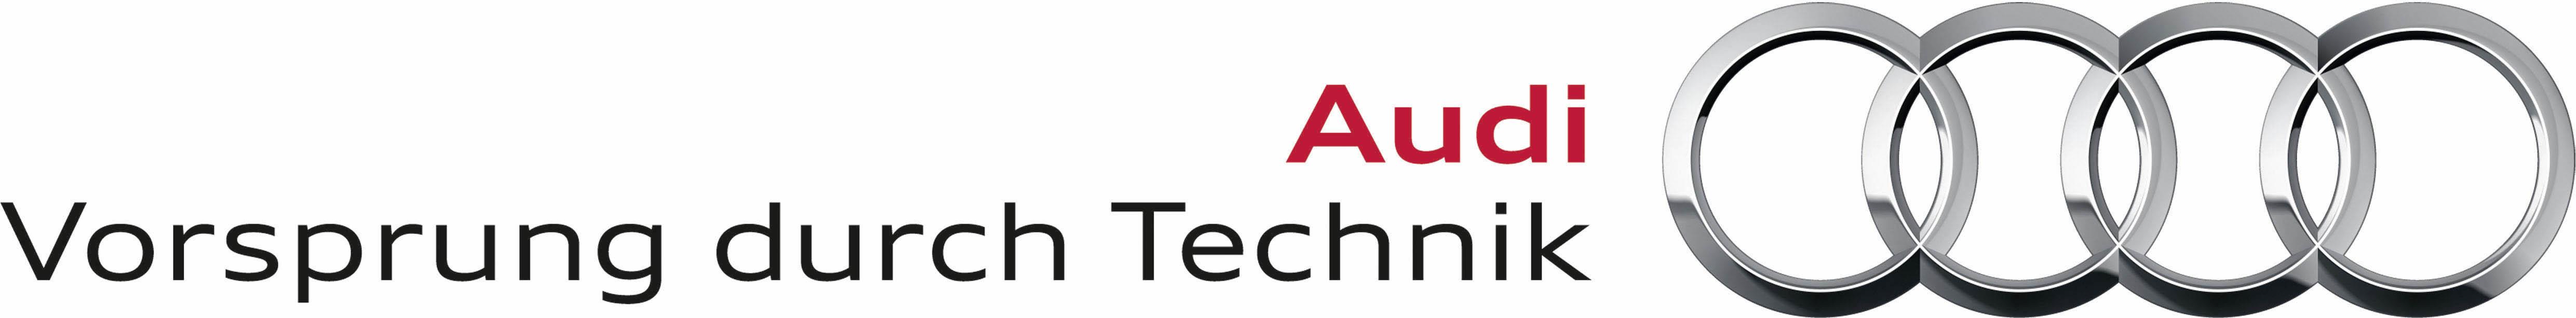 Neues Audi Logo (Quelle: Audi)